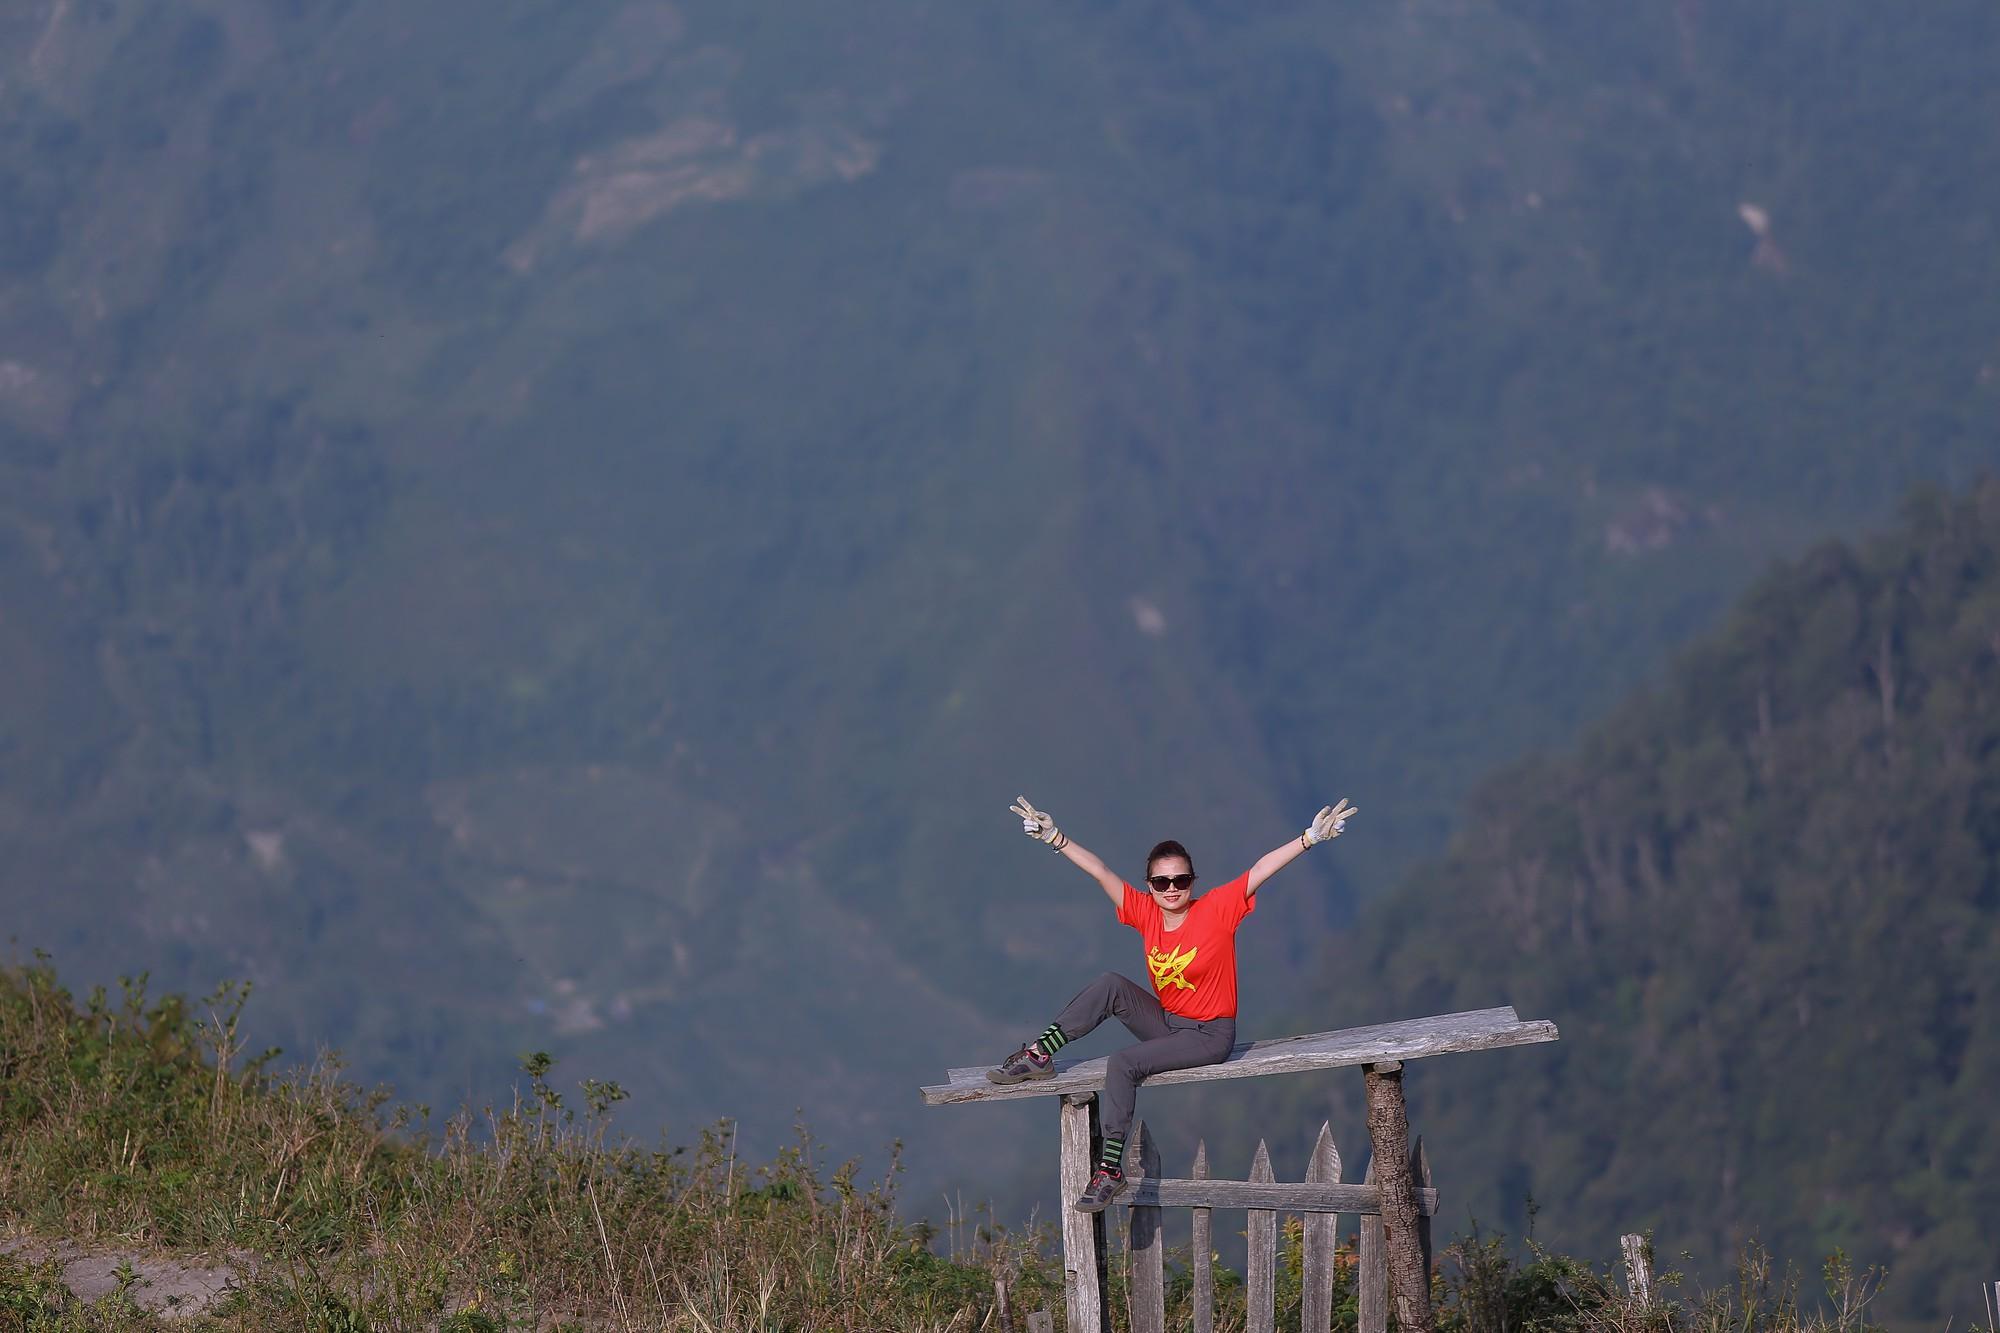 """cảnh thần tiên trên đỉnh ky quan san - image013 1558545105626671360958 - Bộ ảnh ghi trọn cảnh thần tiên đẹp đến nao lòng trên đỉnh Ky Quan San: """"Thu vào tầm mắt muôn trùng nước non"""" chính là đây!"""